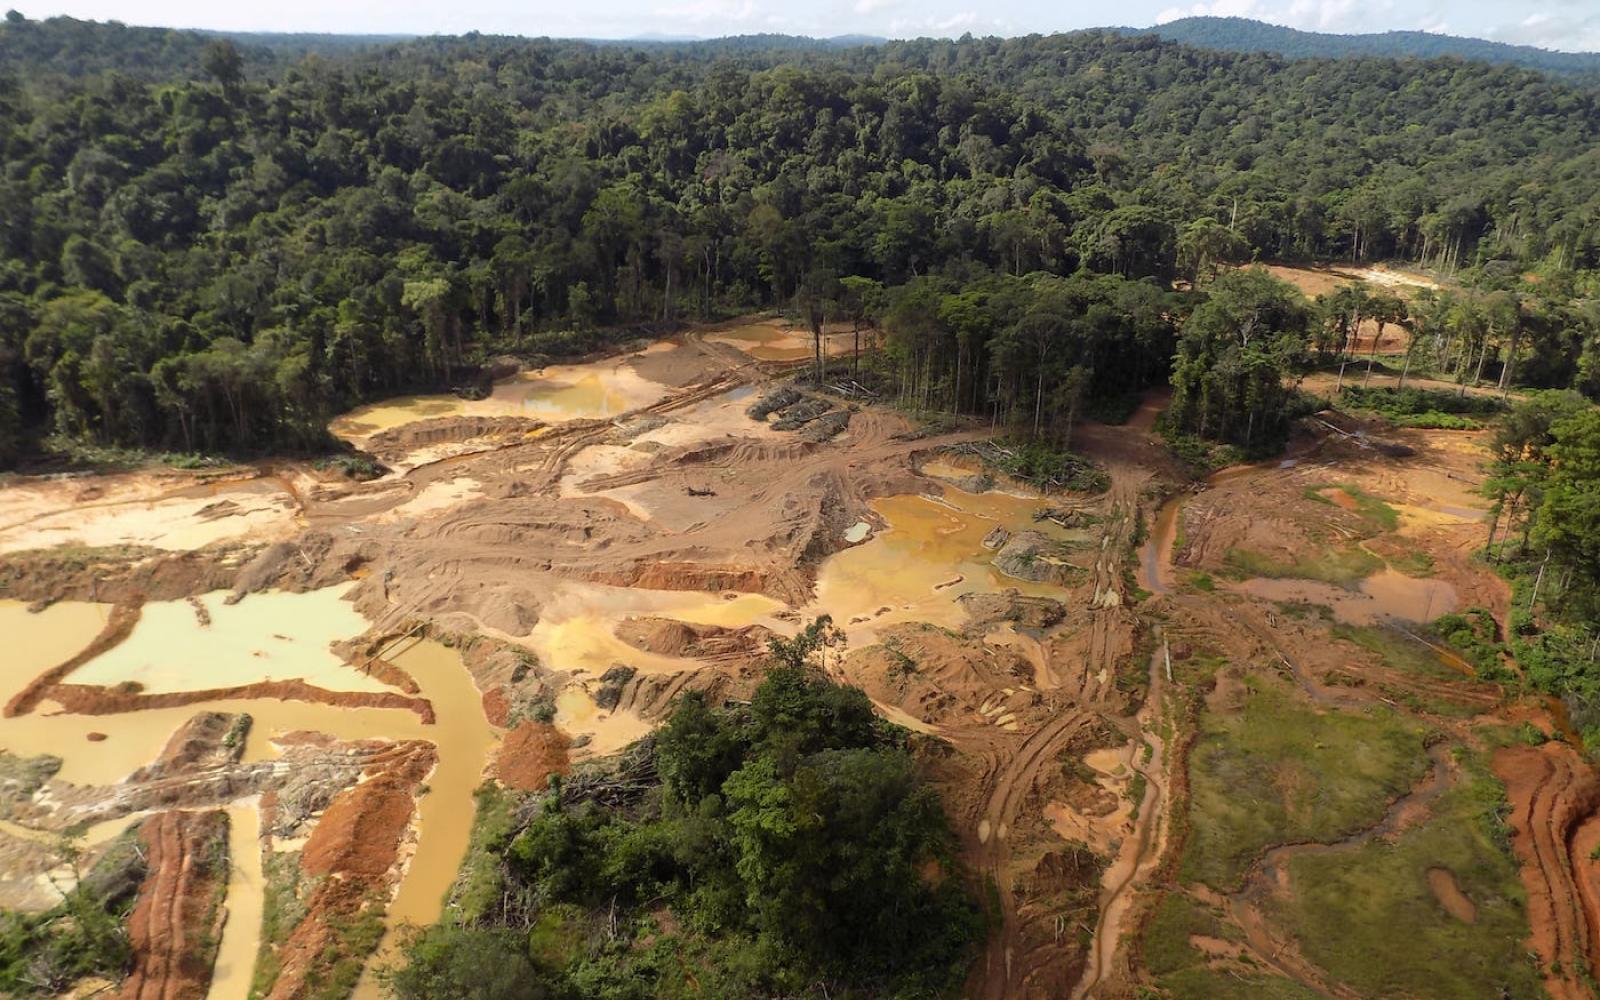 Orpaillage illégal en Guyane : Des saisies en « quantités industrielles » selon l'Armée